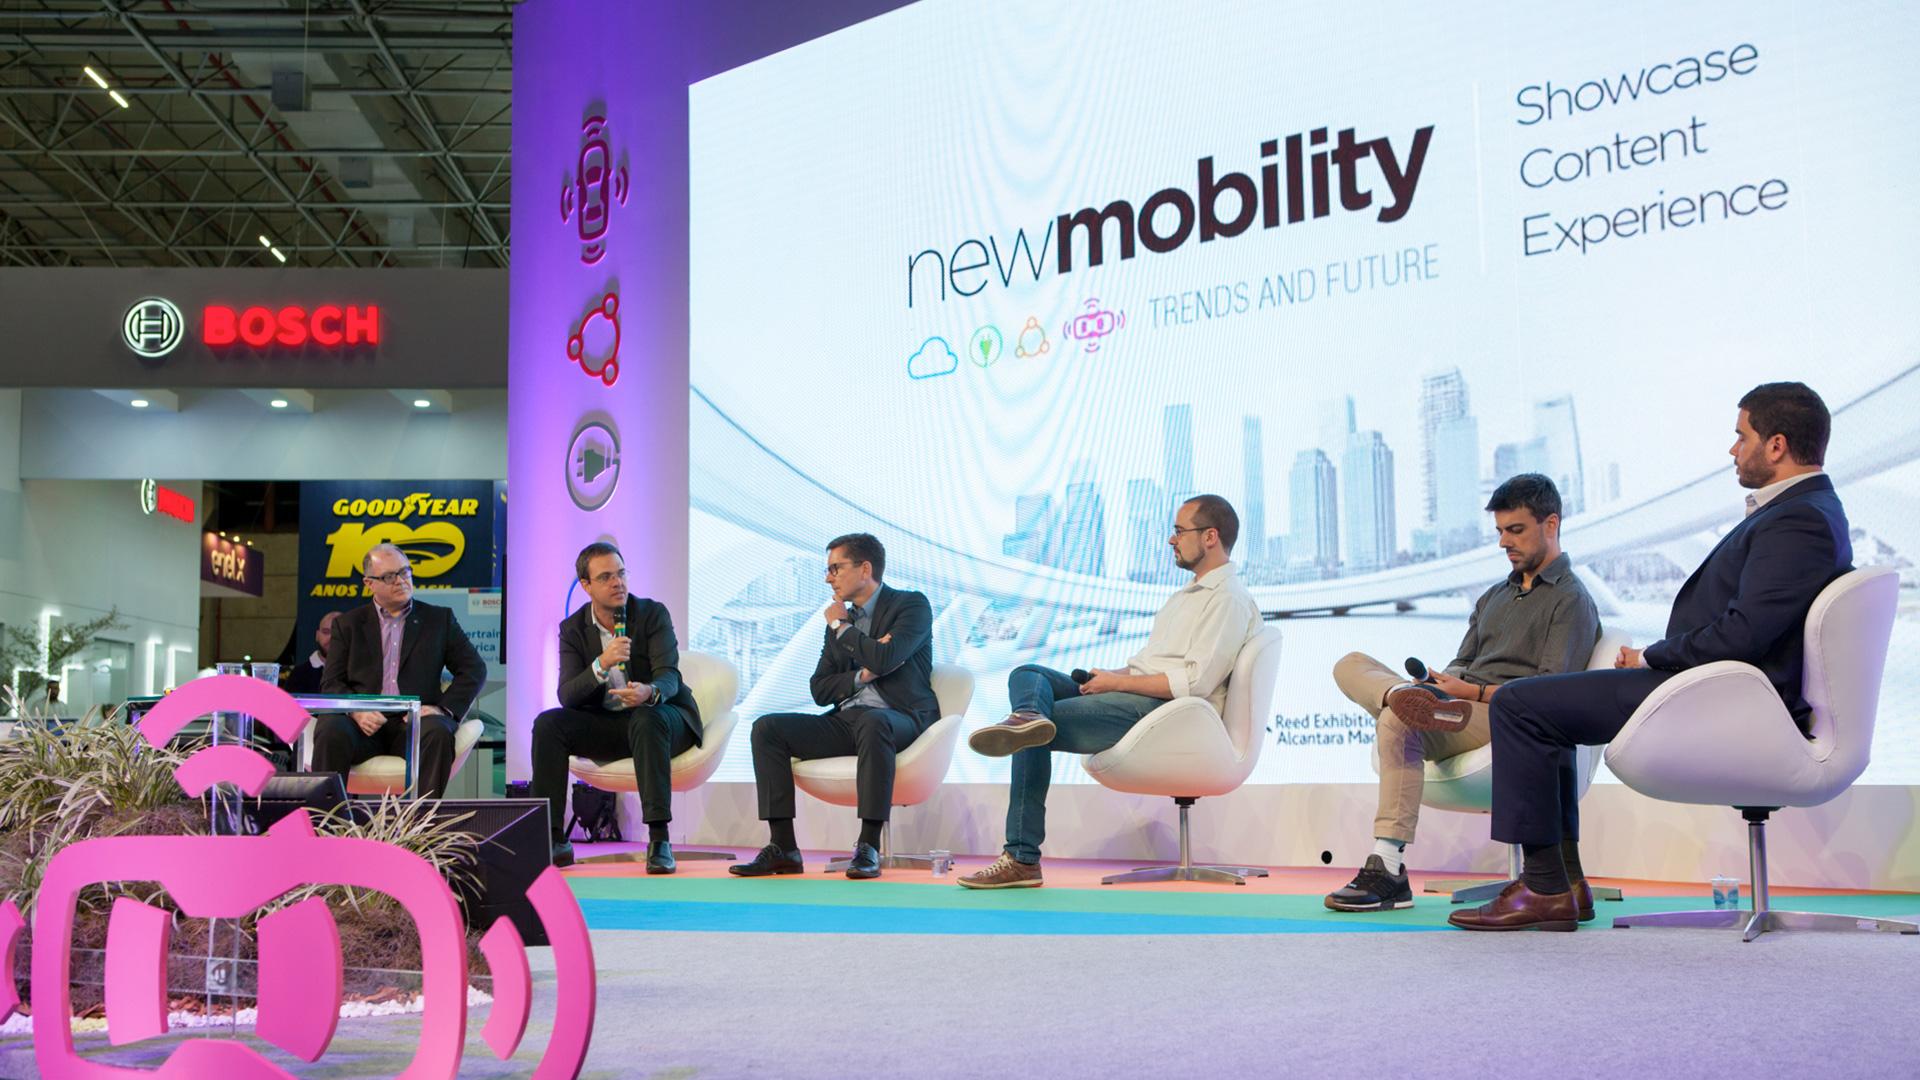 Discussões sobre o futuro da mobilidade no palco New Mobility